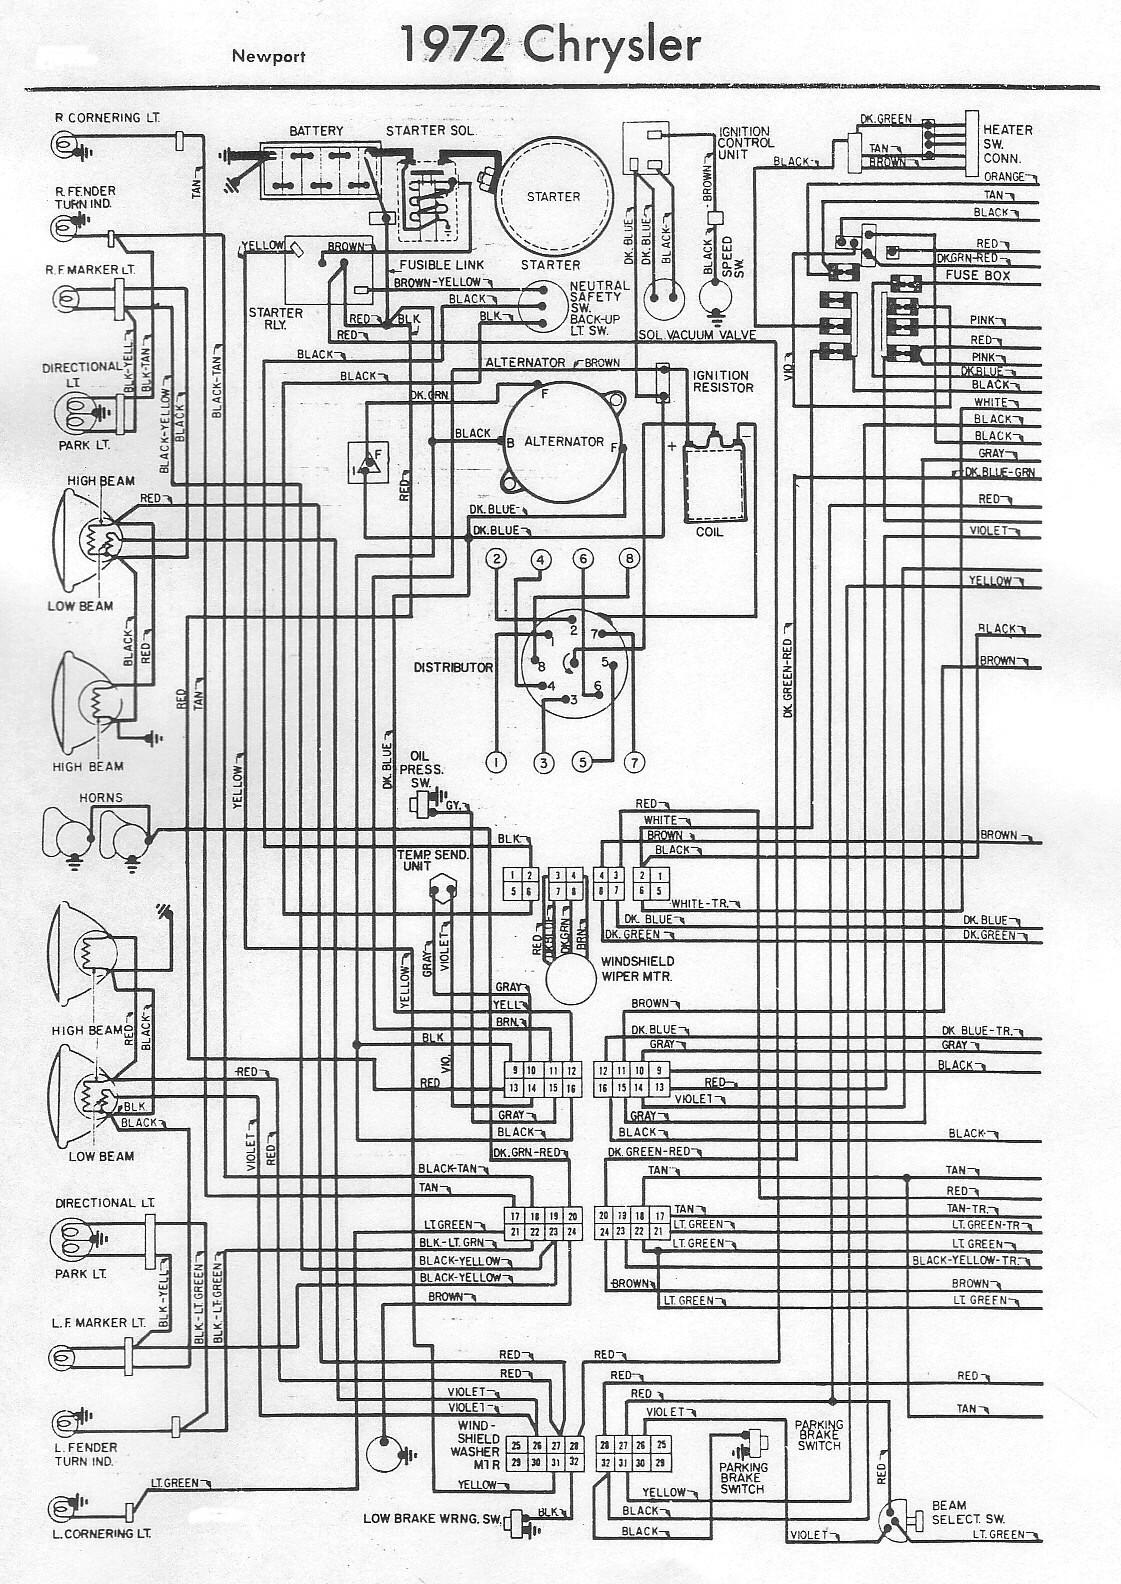 1953 Chrysler Wiring Cadet Heater 240 Volt Wiring Diagram Deviille Ati Loro Jeanjaures37 Fr